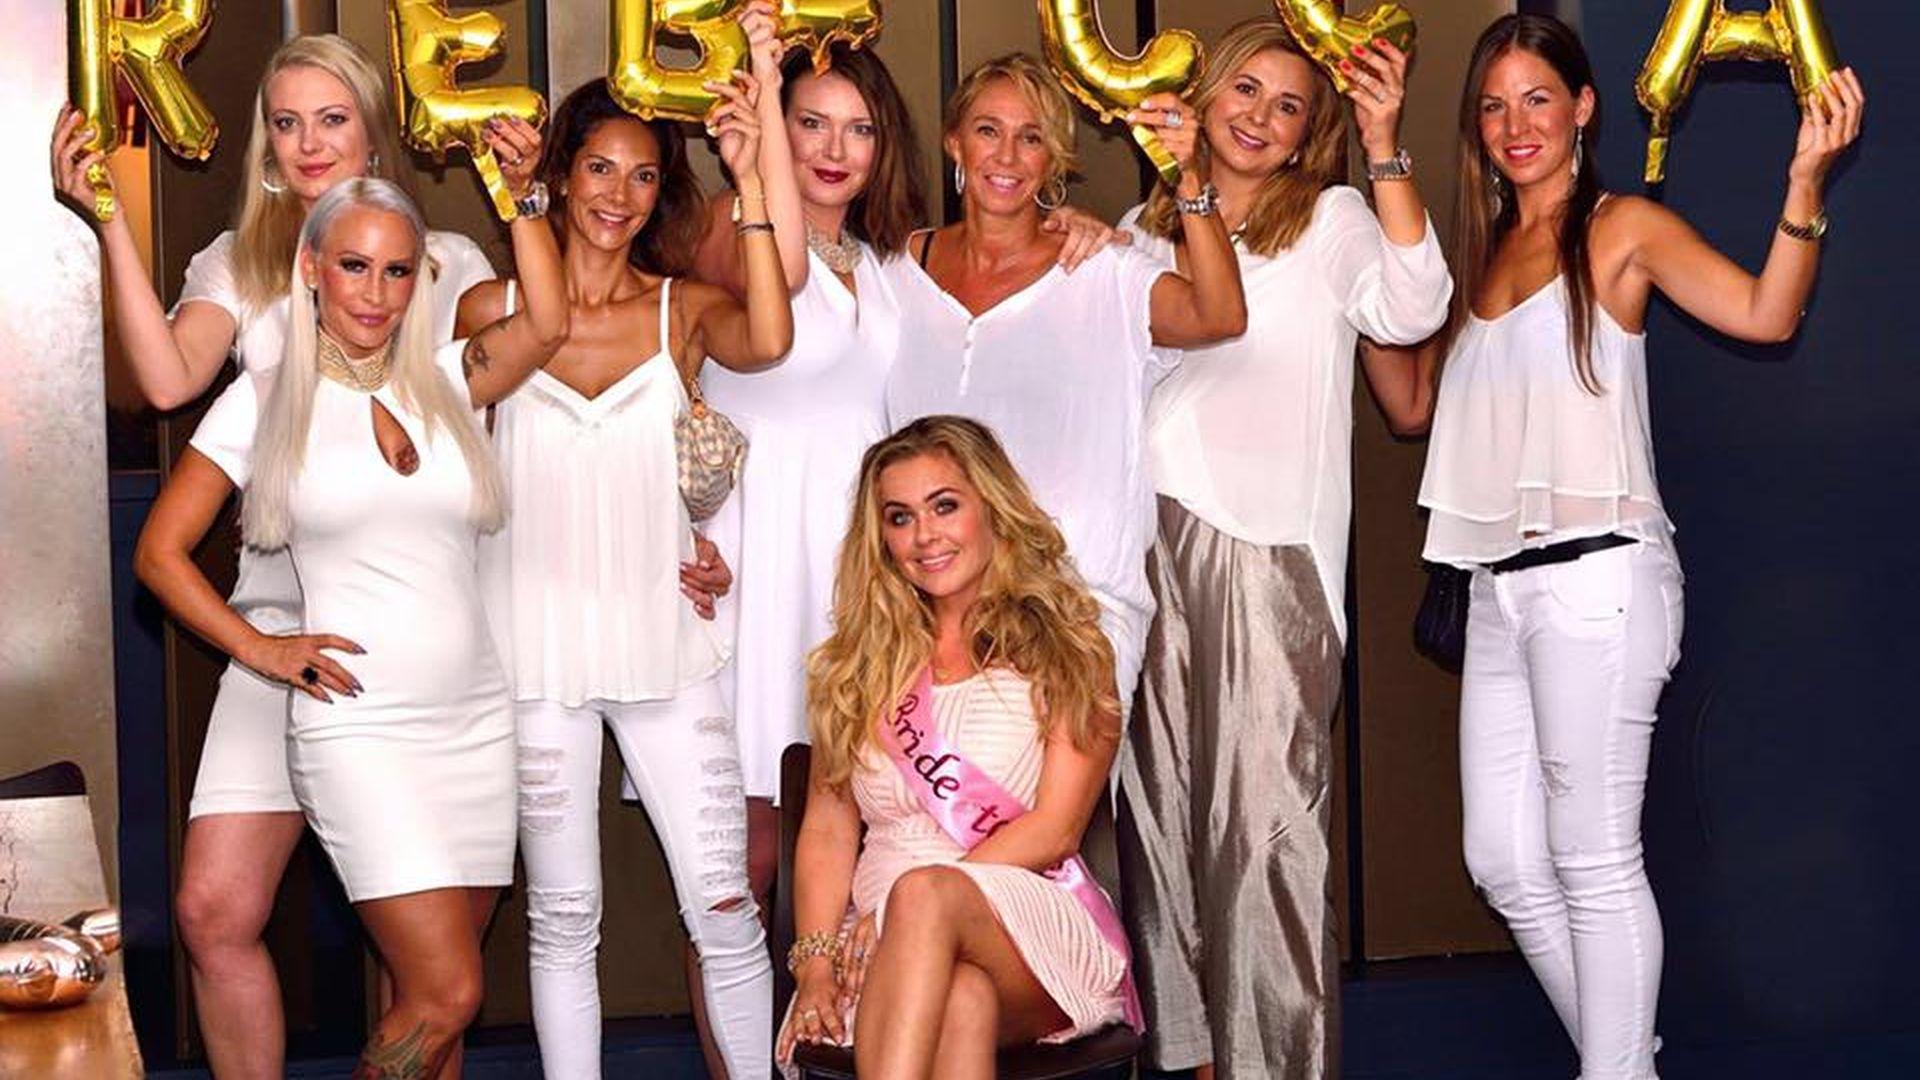 Rebecca Kratz Wiki : hochzeits countdown rebecca kratz feiert bachelorette party ~ Orissabook.com Haus und Dekorationen